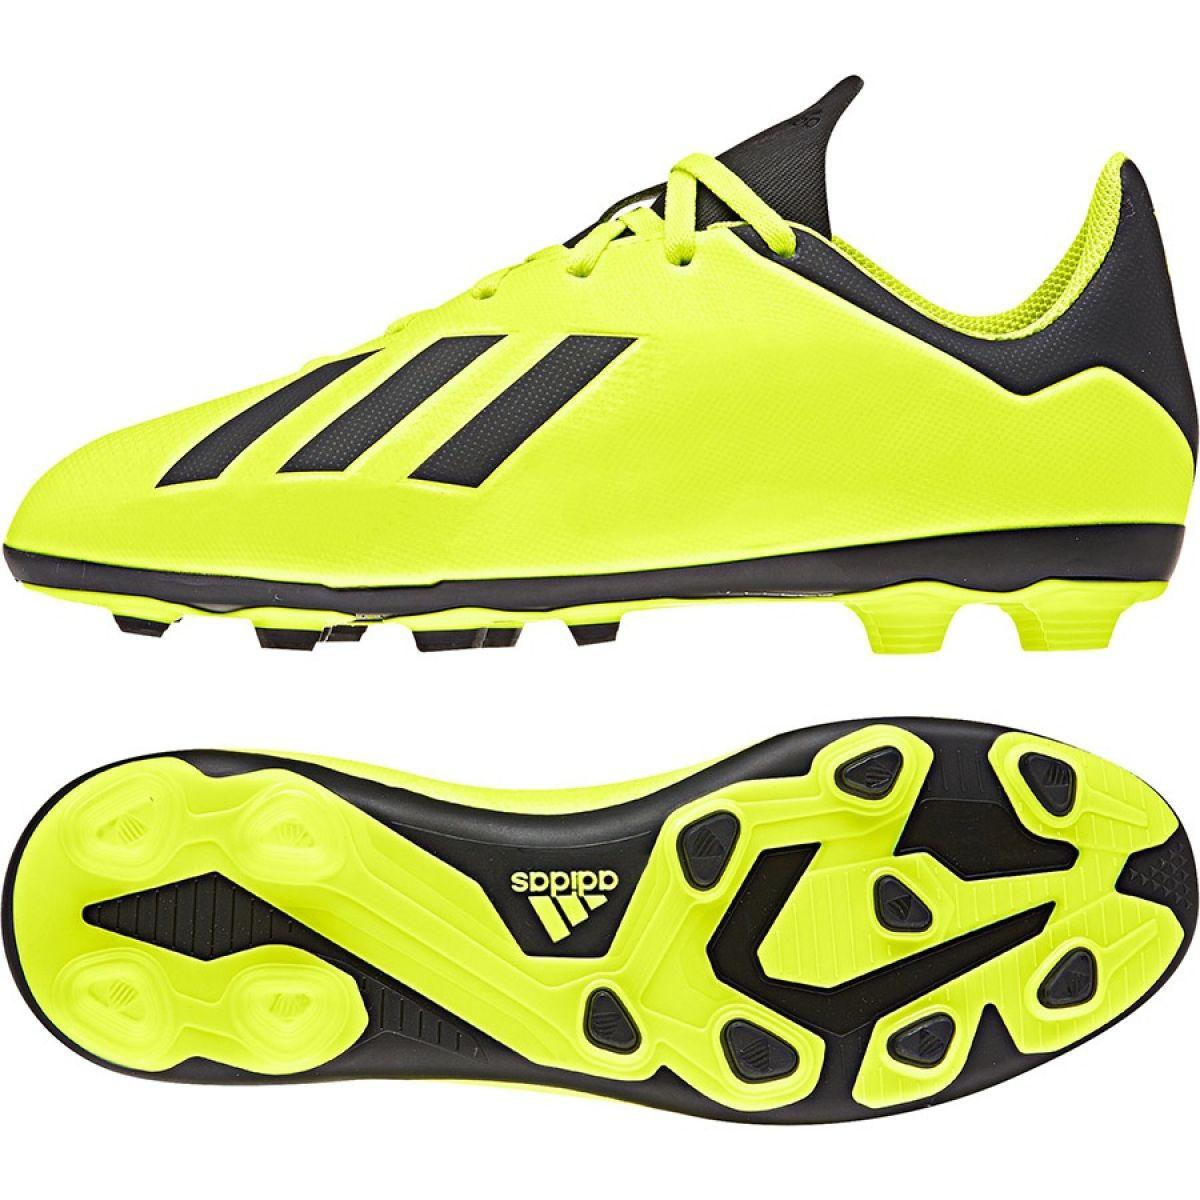 Dettagli su Scarpe da calcio adidas X 18.4 FxG Jr DB2420 giallo giallo